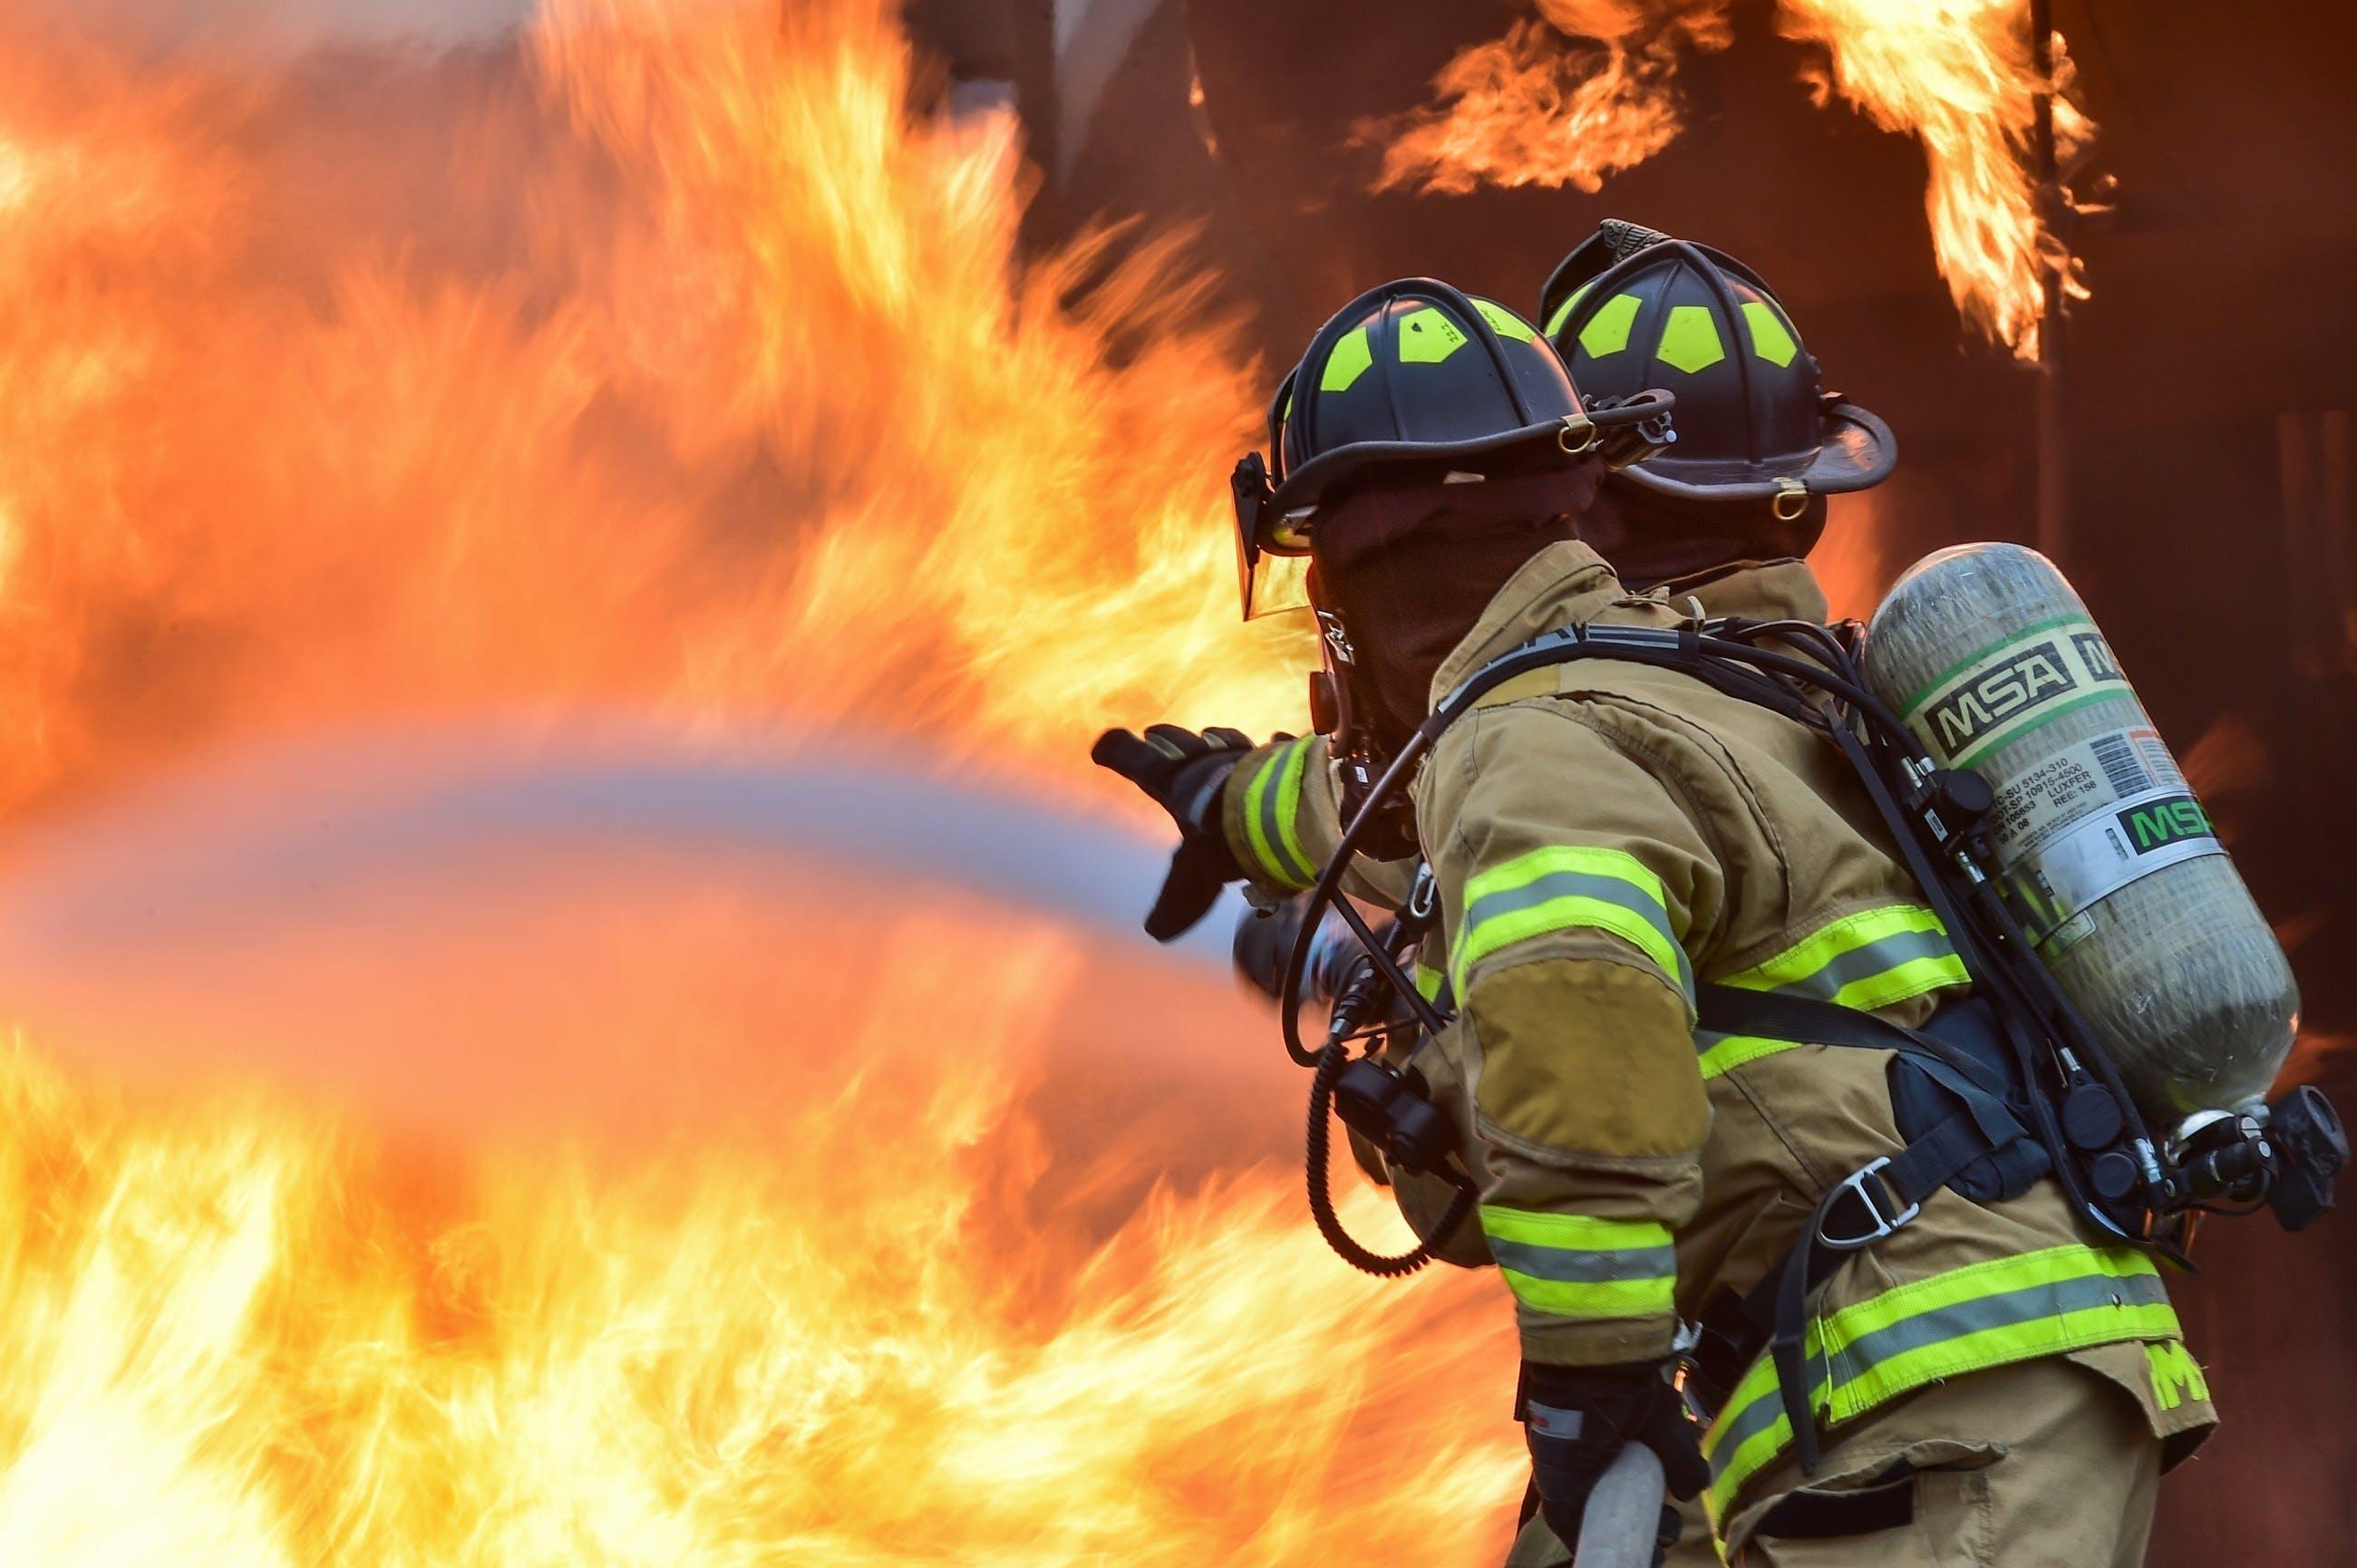 Gratis lagerfoto af arbejder, beskyttelse, brand, brandforsvar